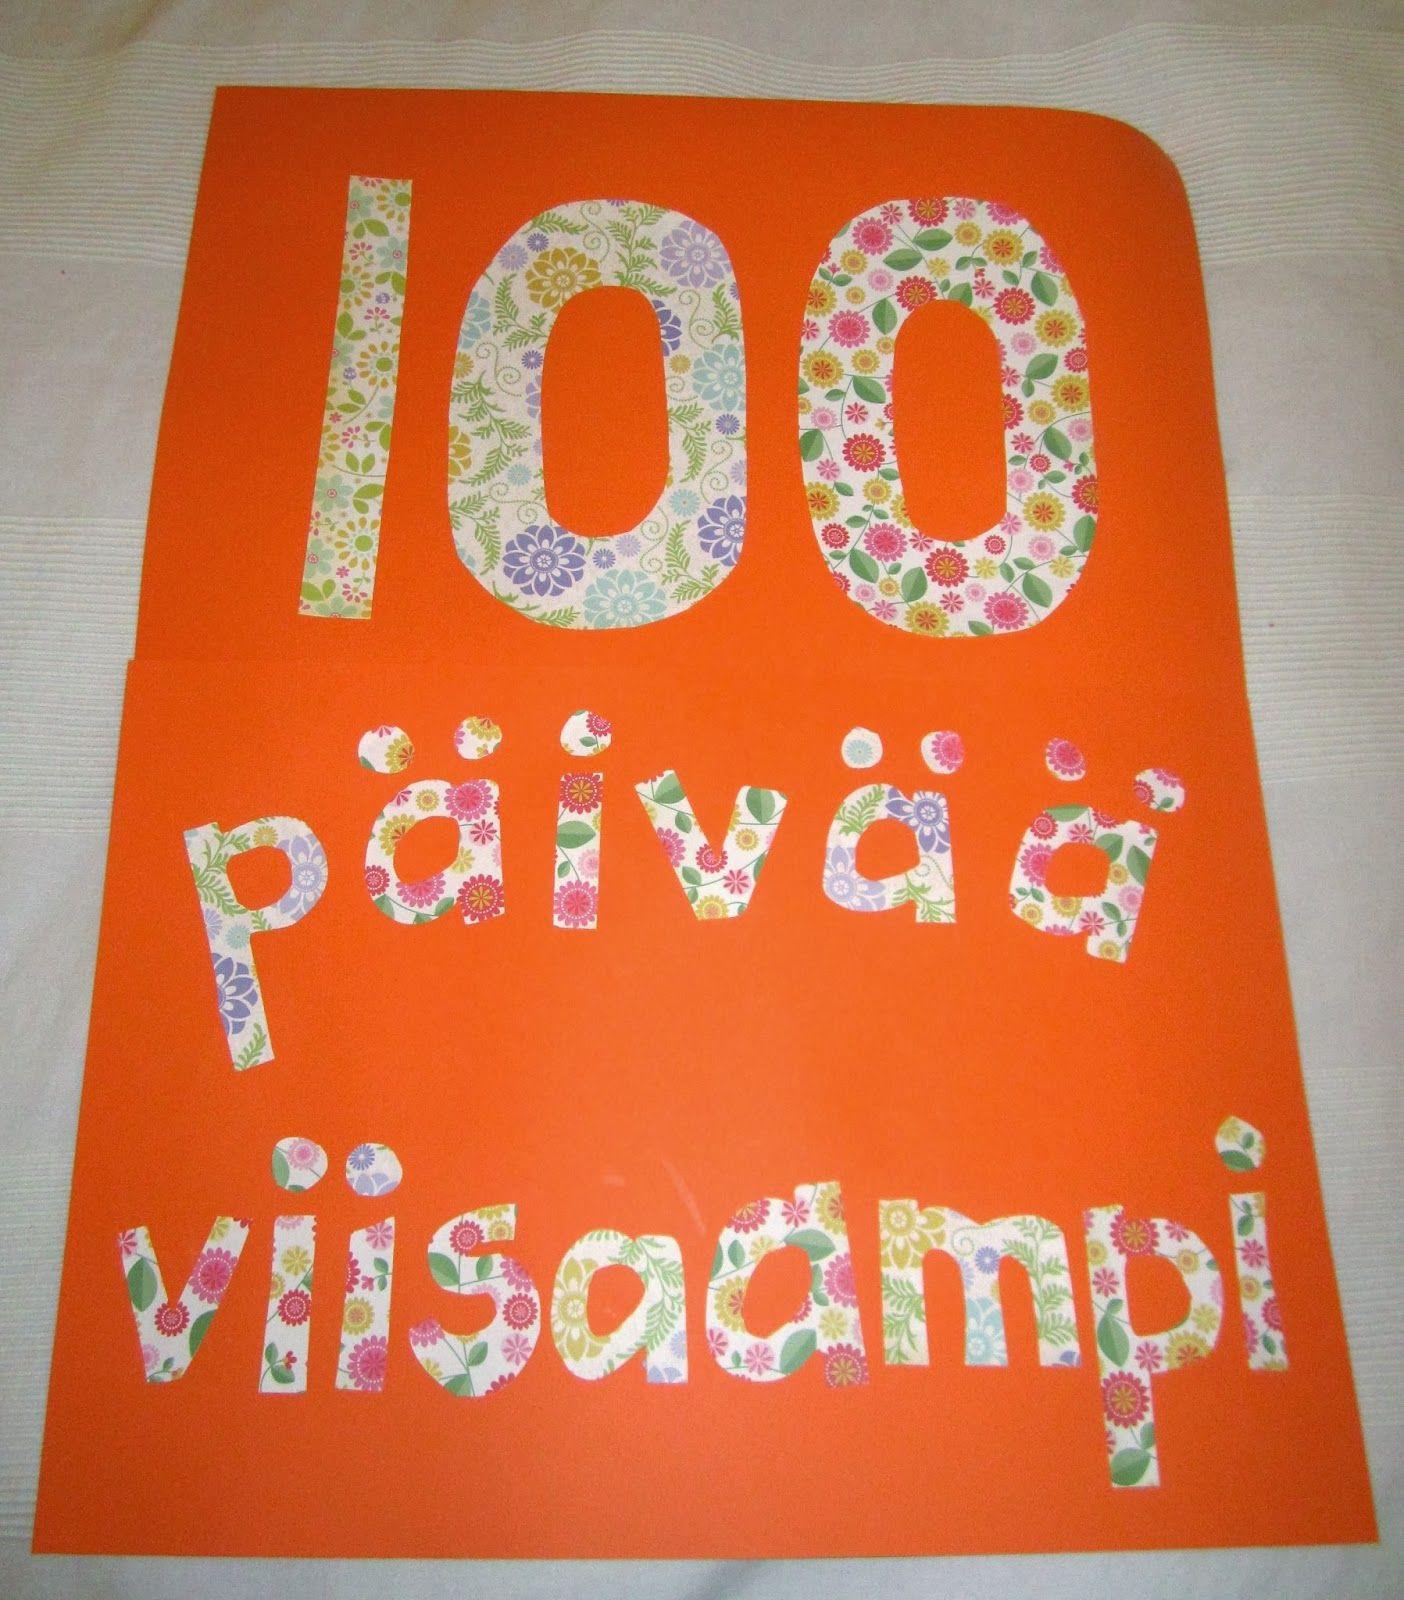 Juhlitaan 100. koulupäivää   Luokan omat jutut   Pinterest   Kokon